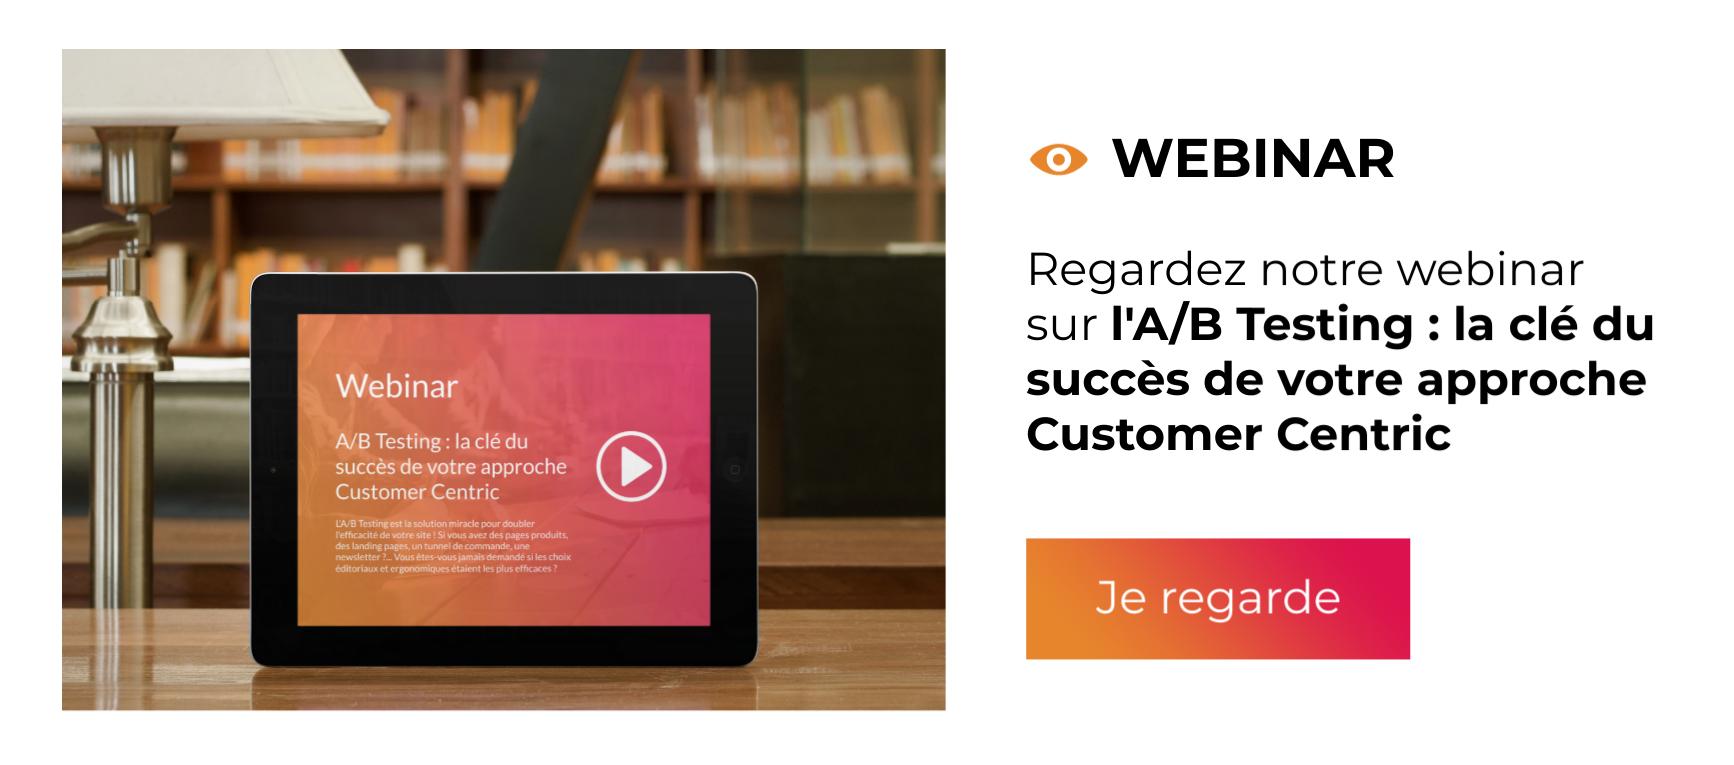 Webinar - L'A/B Testing : la clé du succès de votre approche Customer Centric